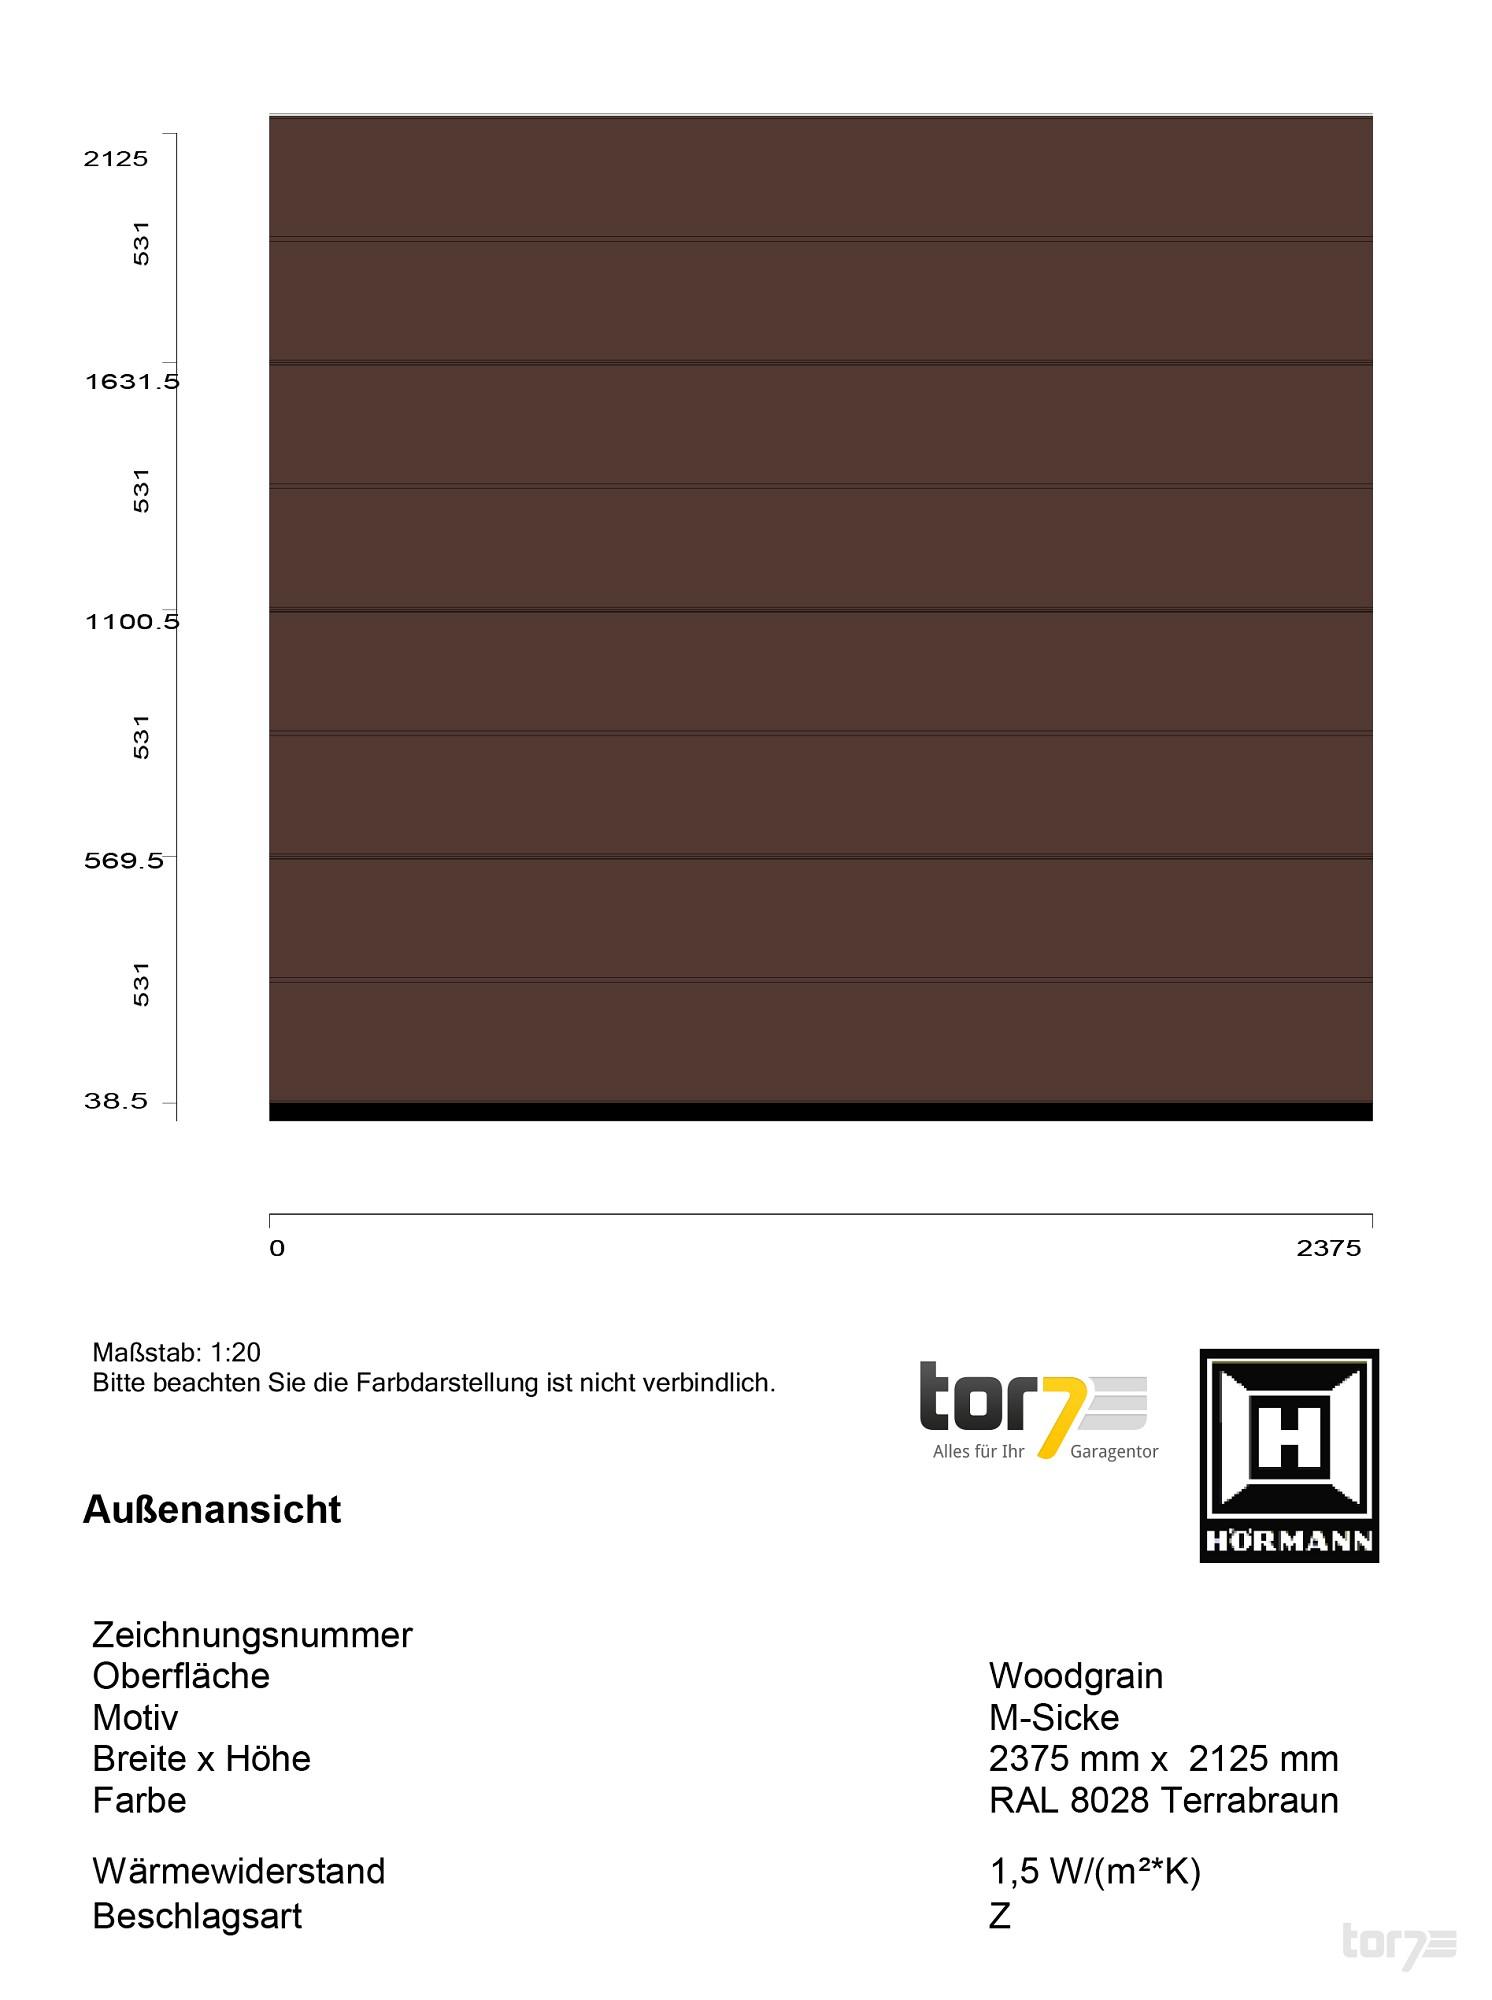 Hoermann Sektionaltor 42mm 2375x2125mm 8028 Terrabraun Garagentor Rolltor